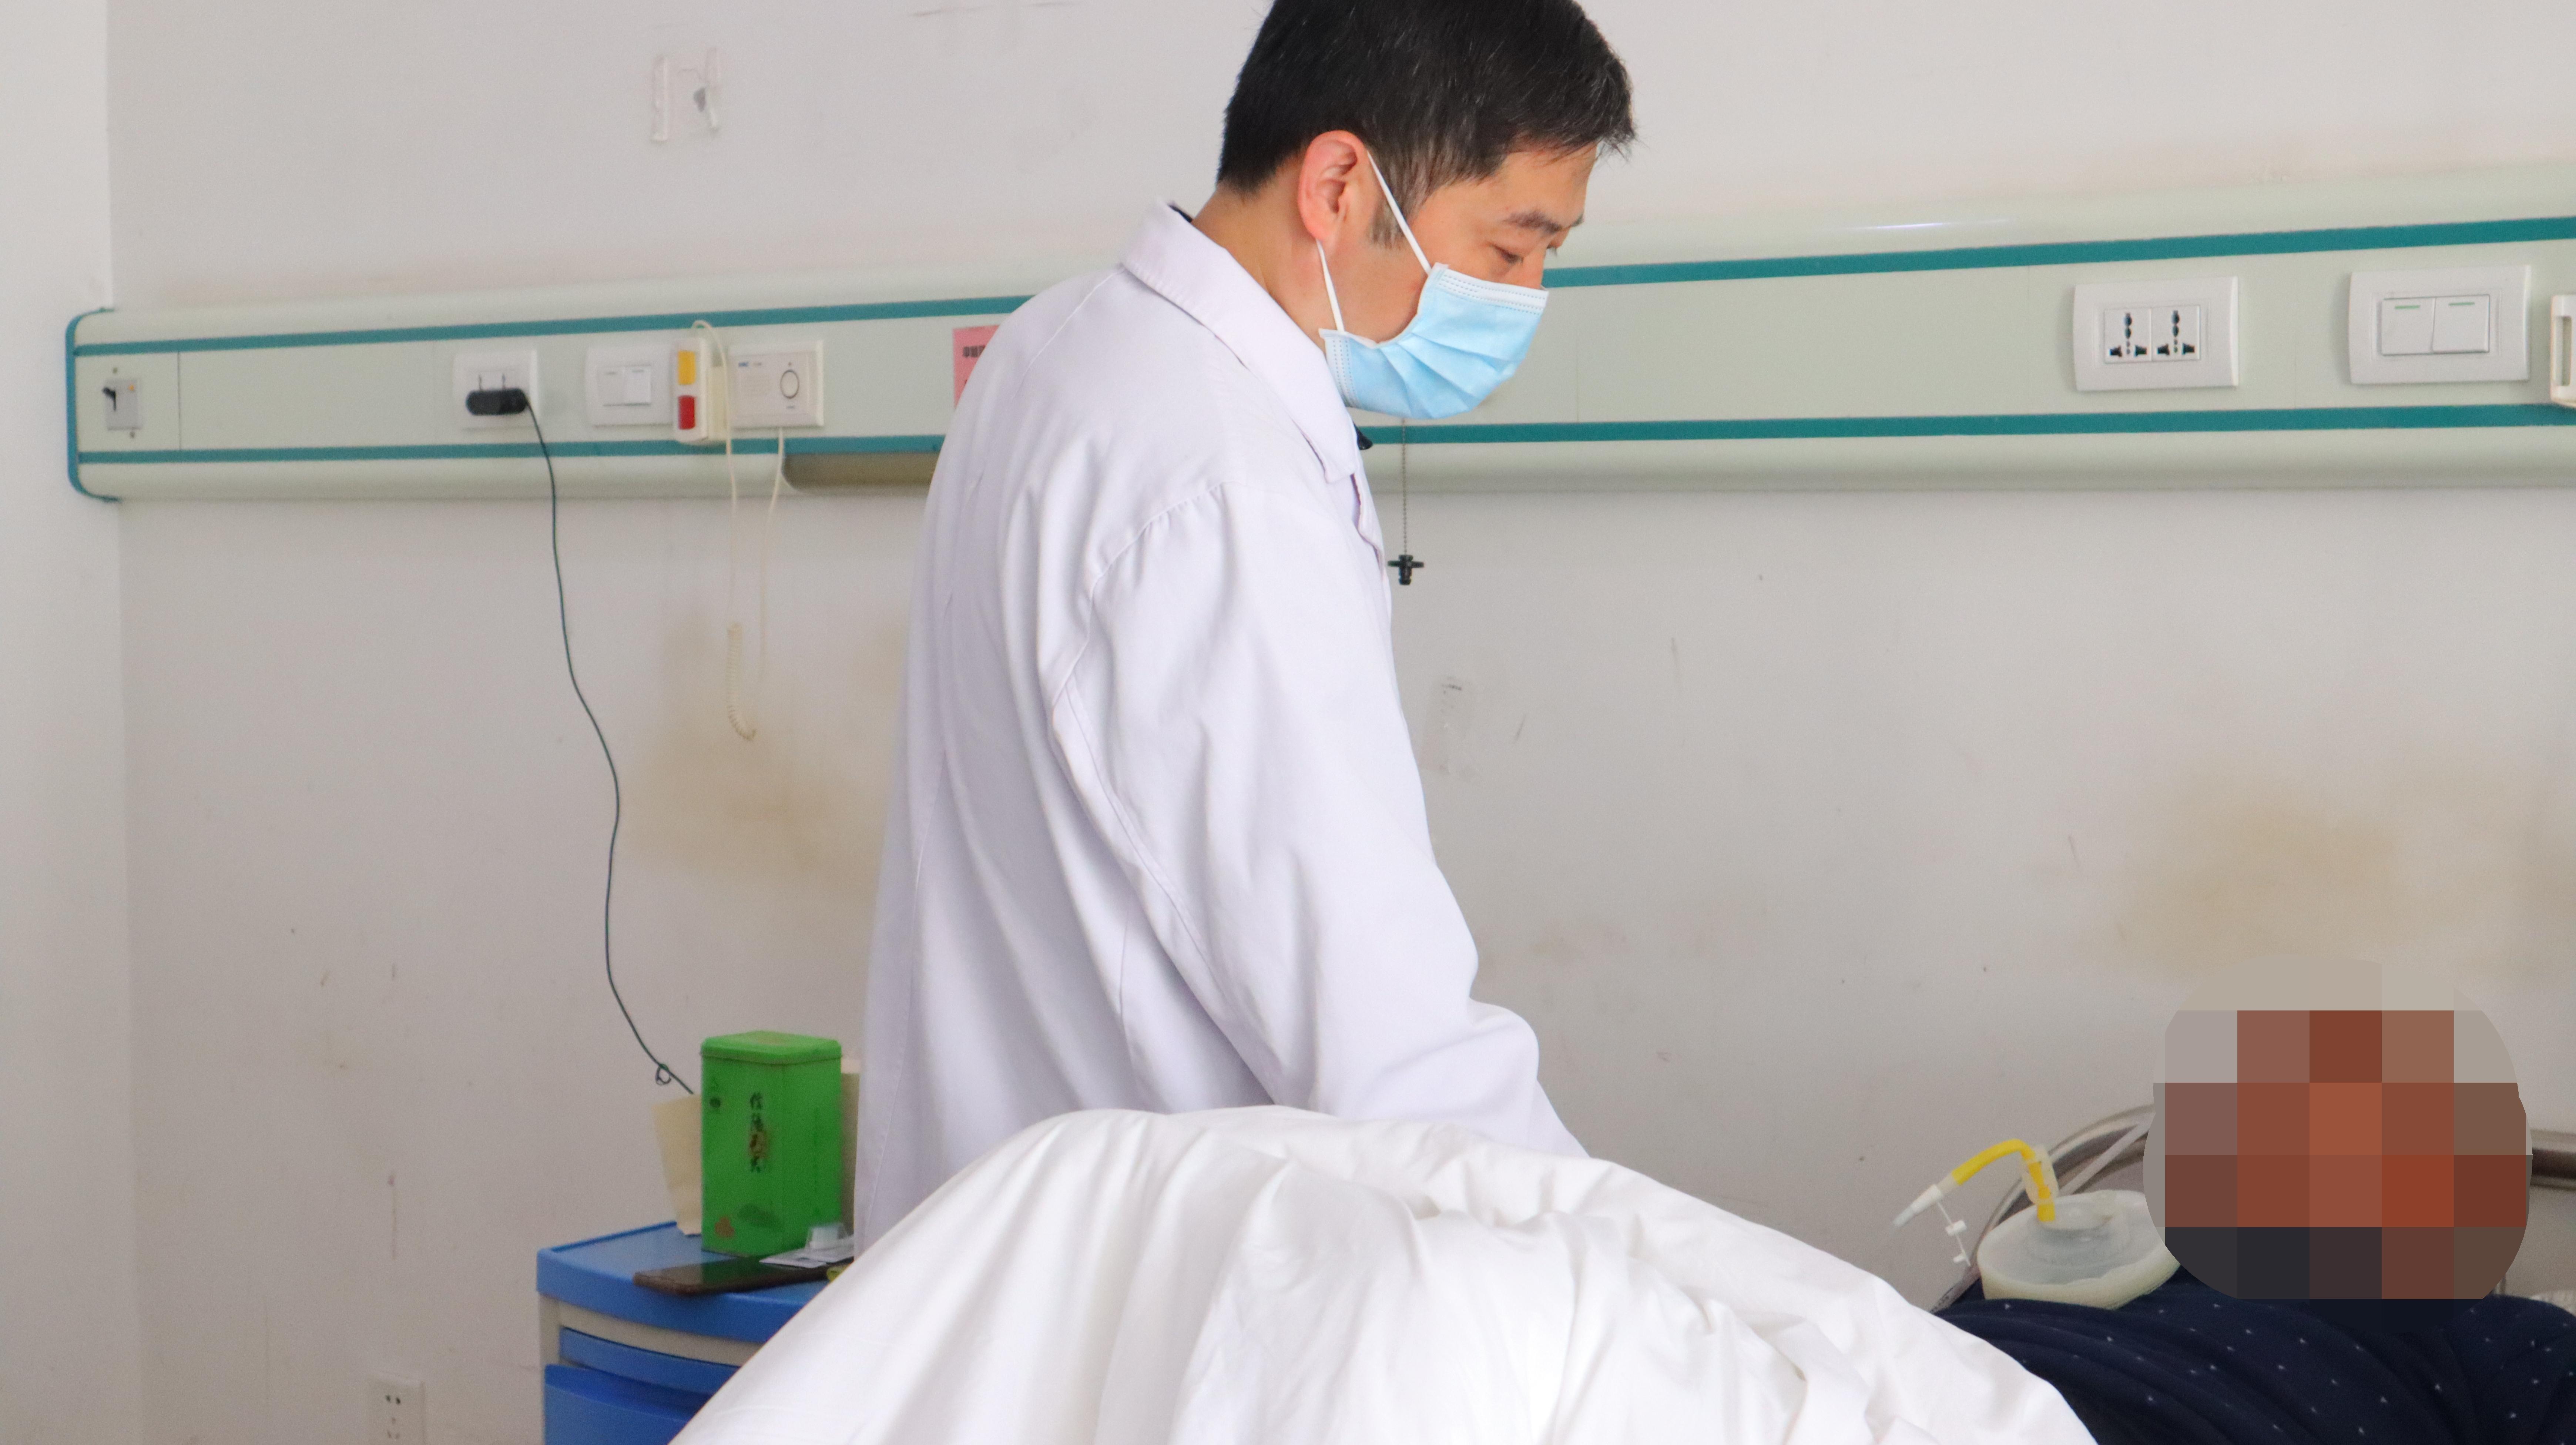 【2020 年度先进个人】不断挑战,永攀高峰——记河南信合医院普外科二病区主任叶中林